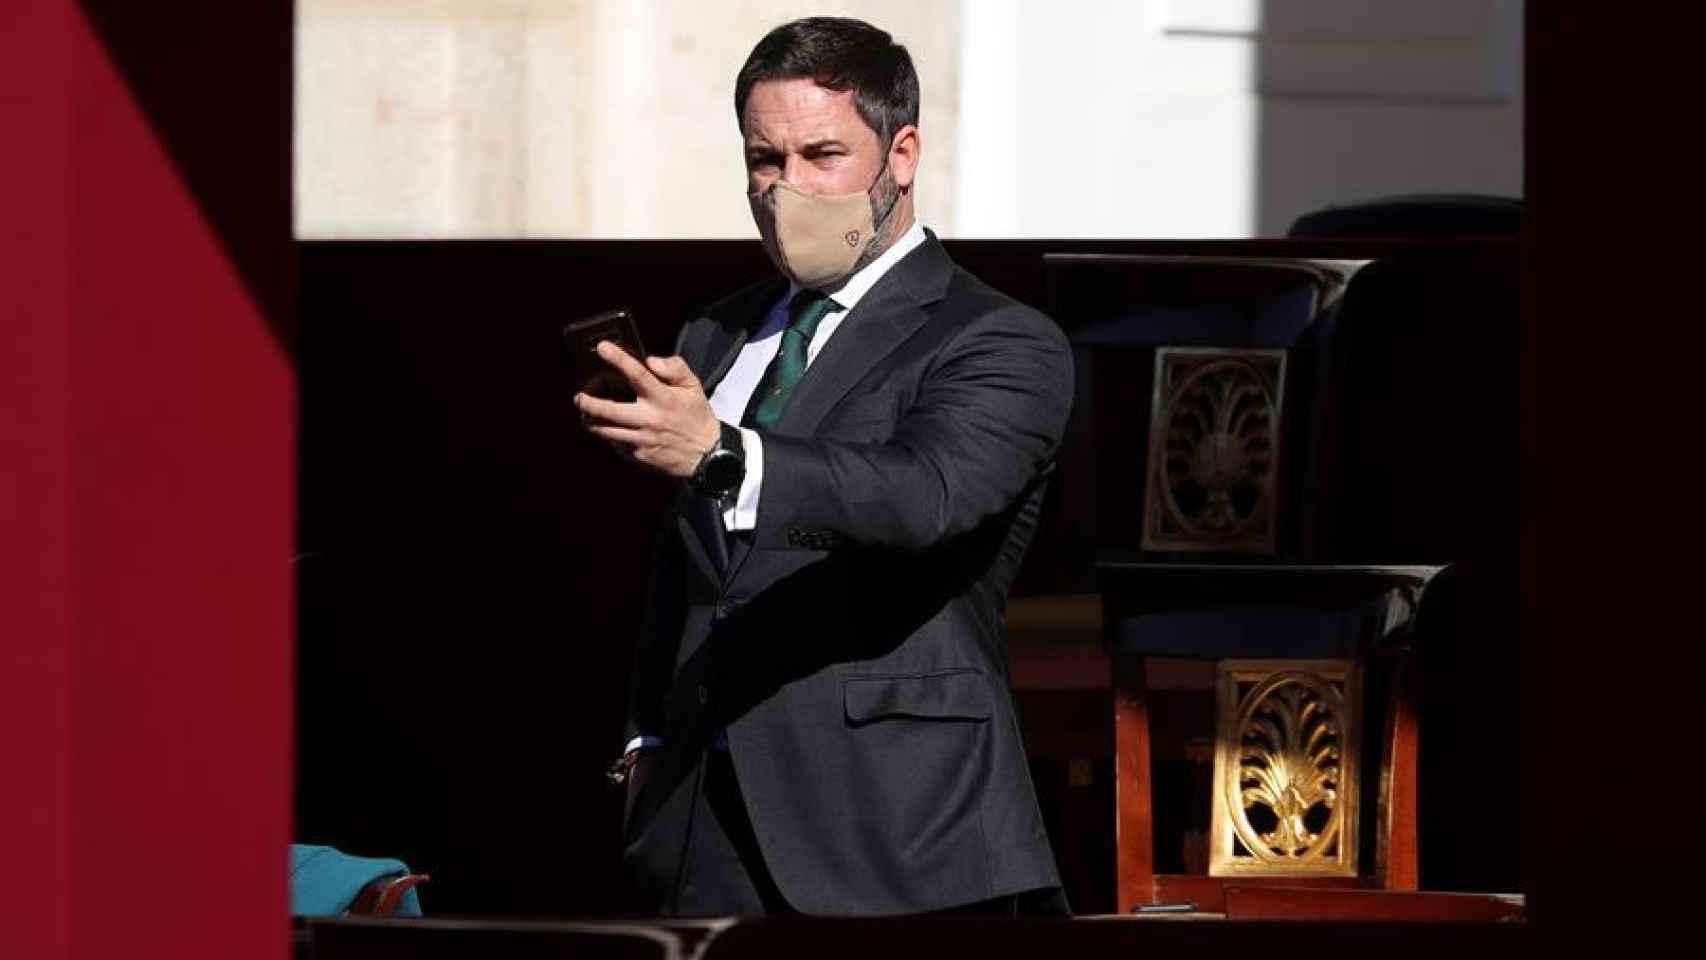 Santiago Abascal, en la grada de invitados. / Efe